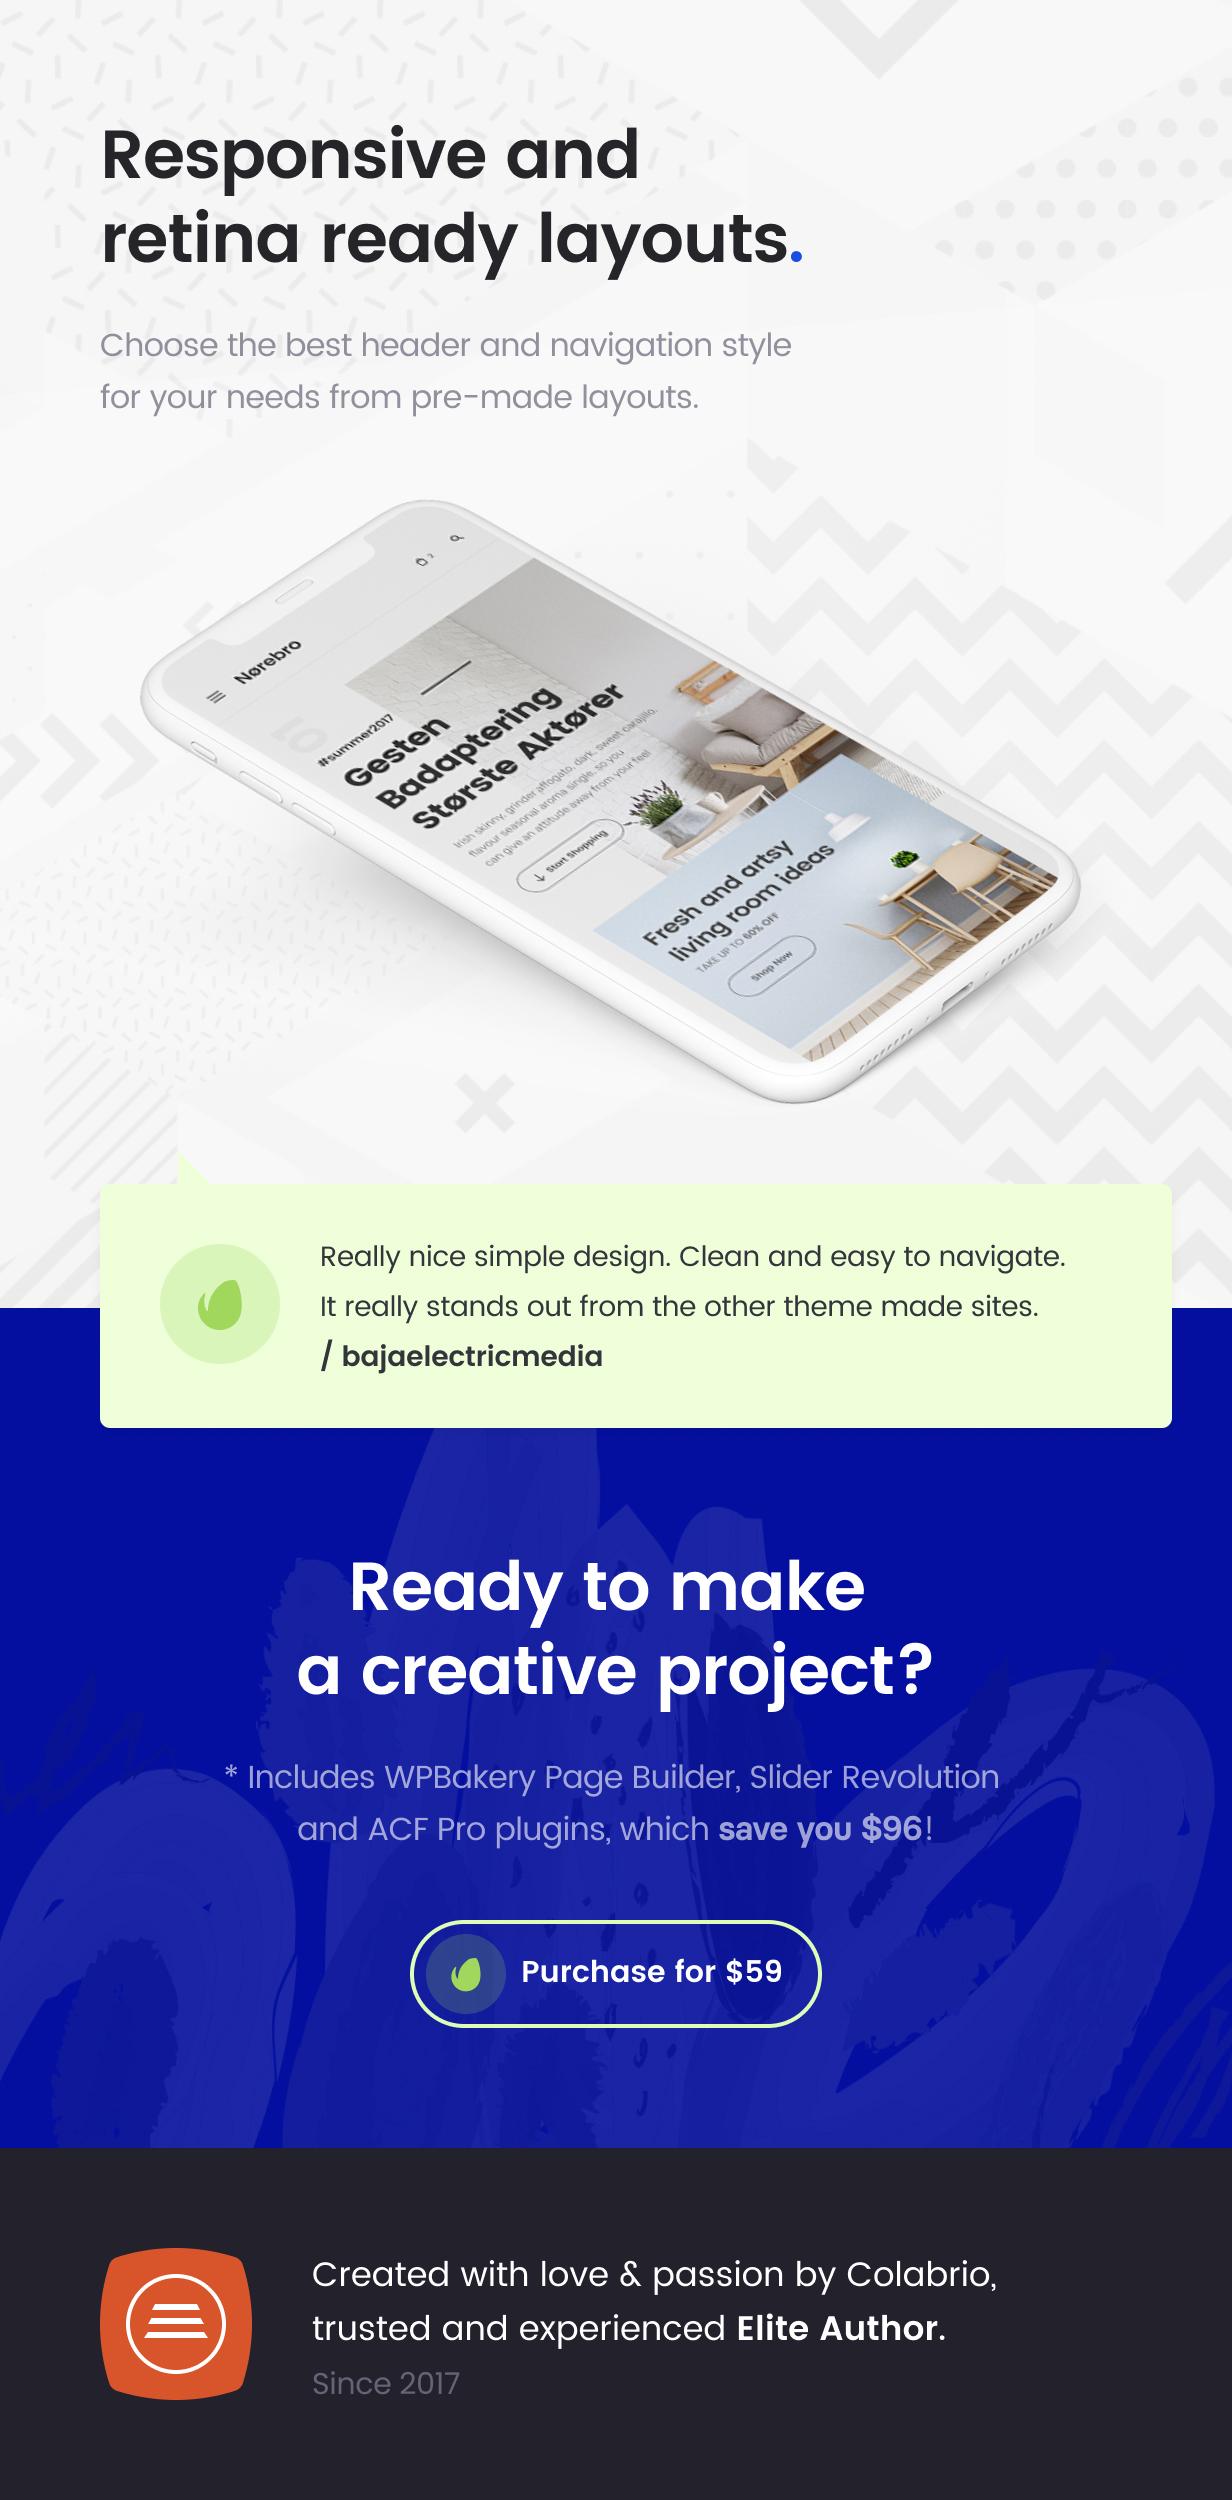 envato promo  616px 10 - Norebro - Creative Portfolio Theme for Multipurpose Usage